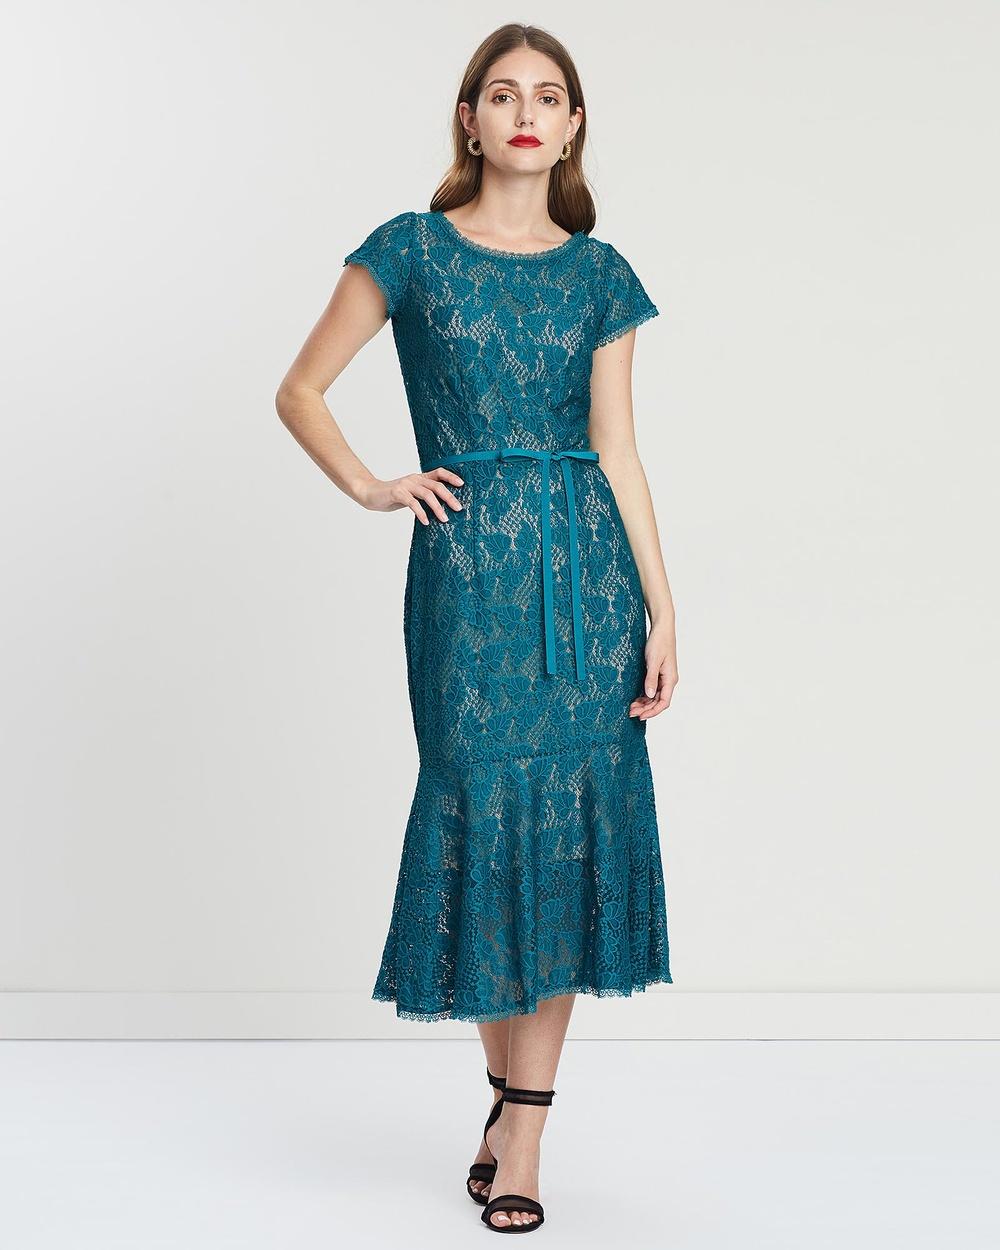 Leona Edmiston Turquoise Yasmin- Lace Dress